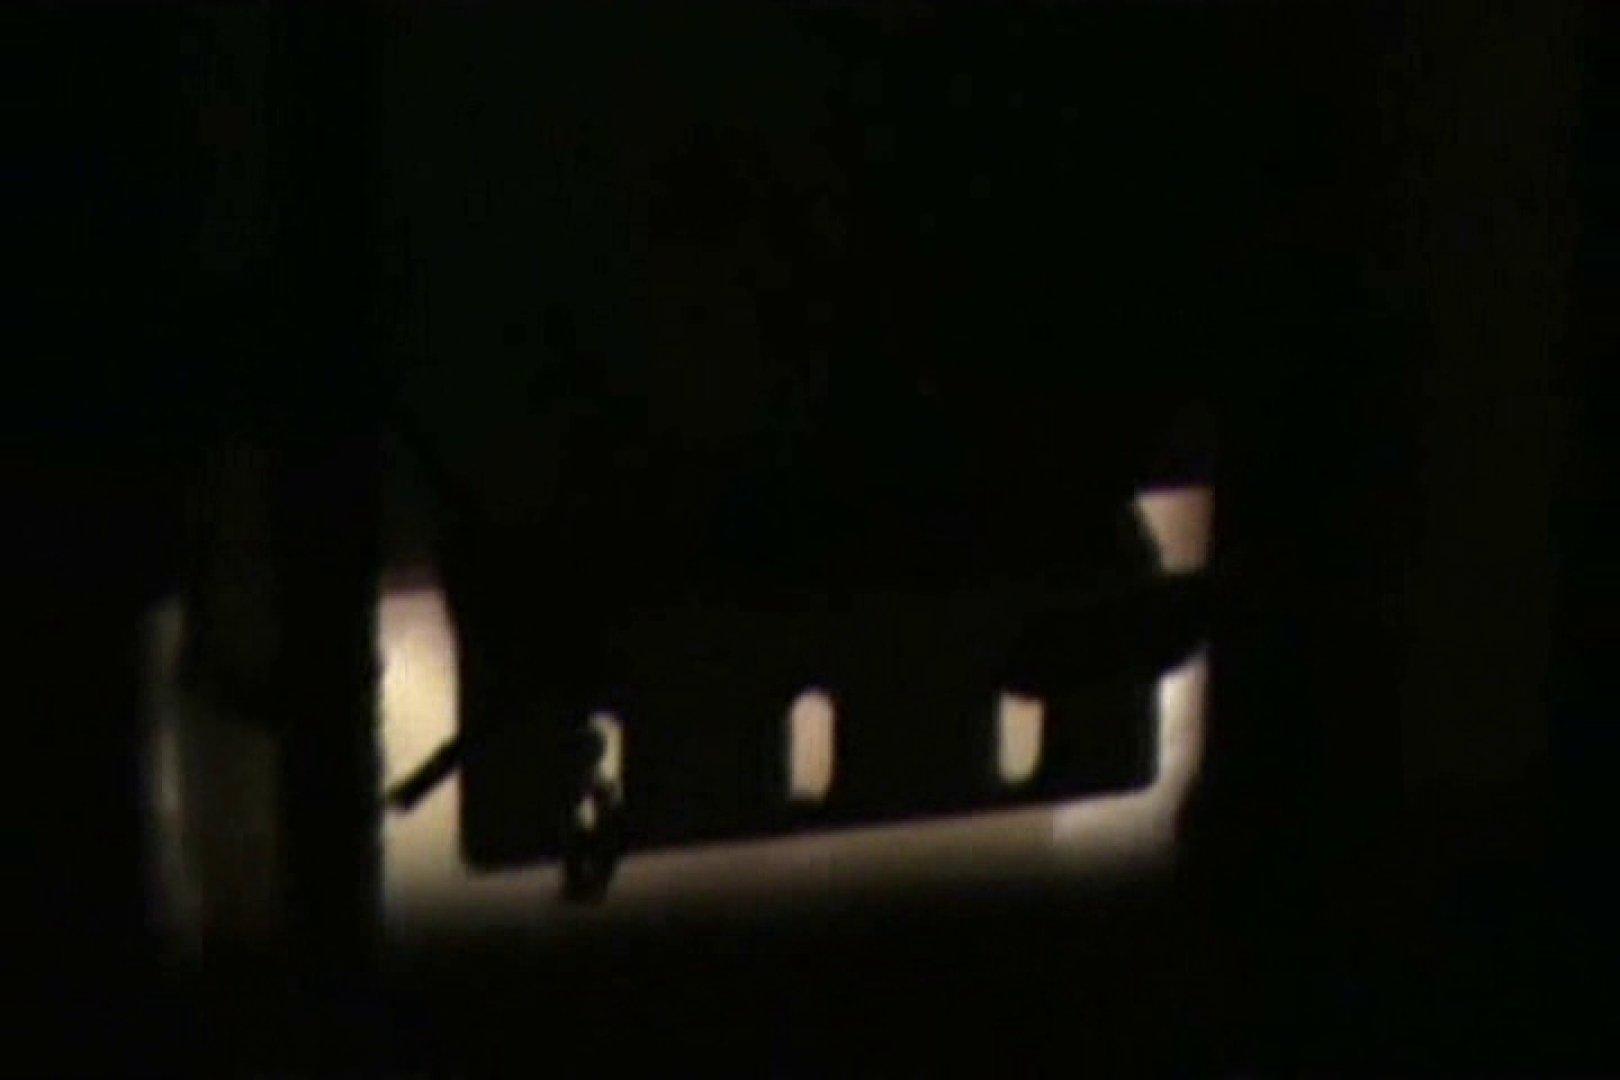 ぼっとん洗面所スペシャルVol.3 OLの実態 盗撮おめこ無修正動画無料 92pic 20